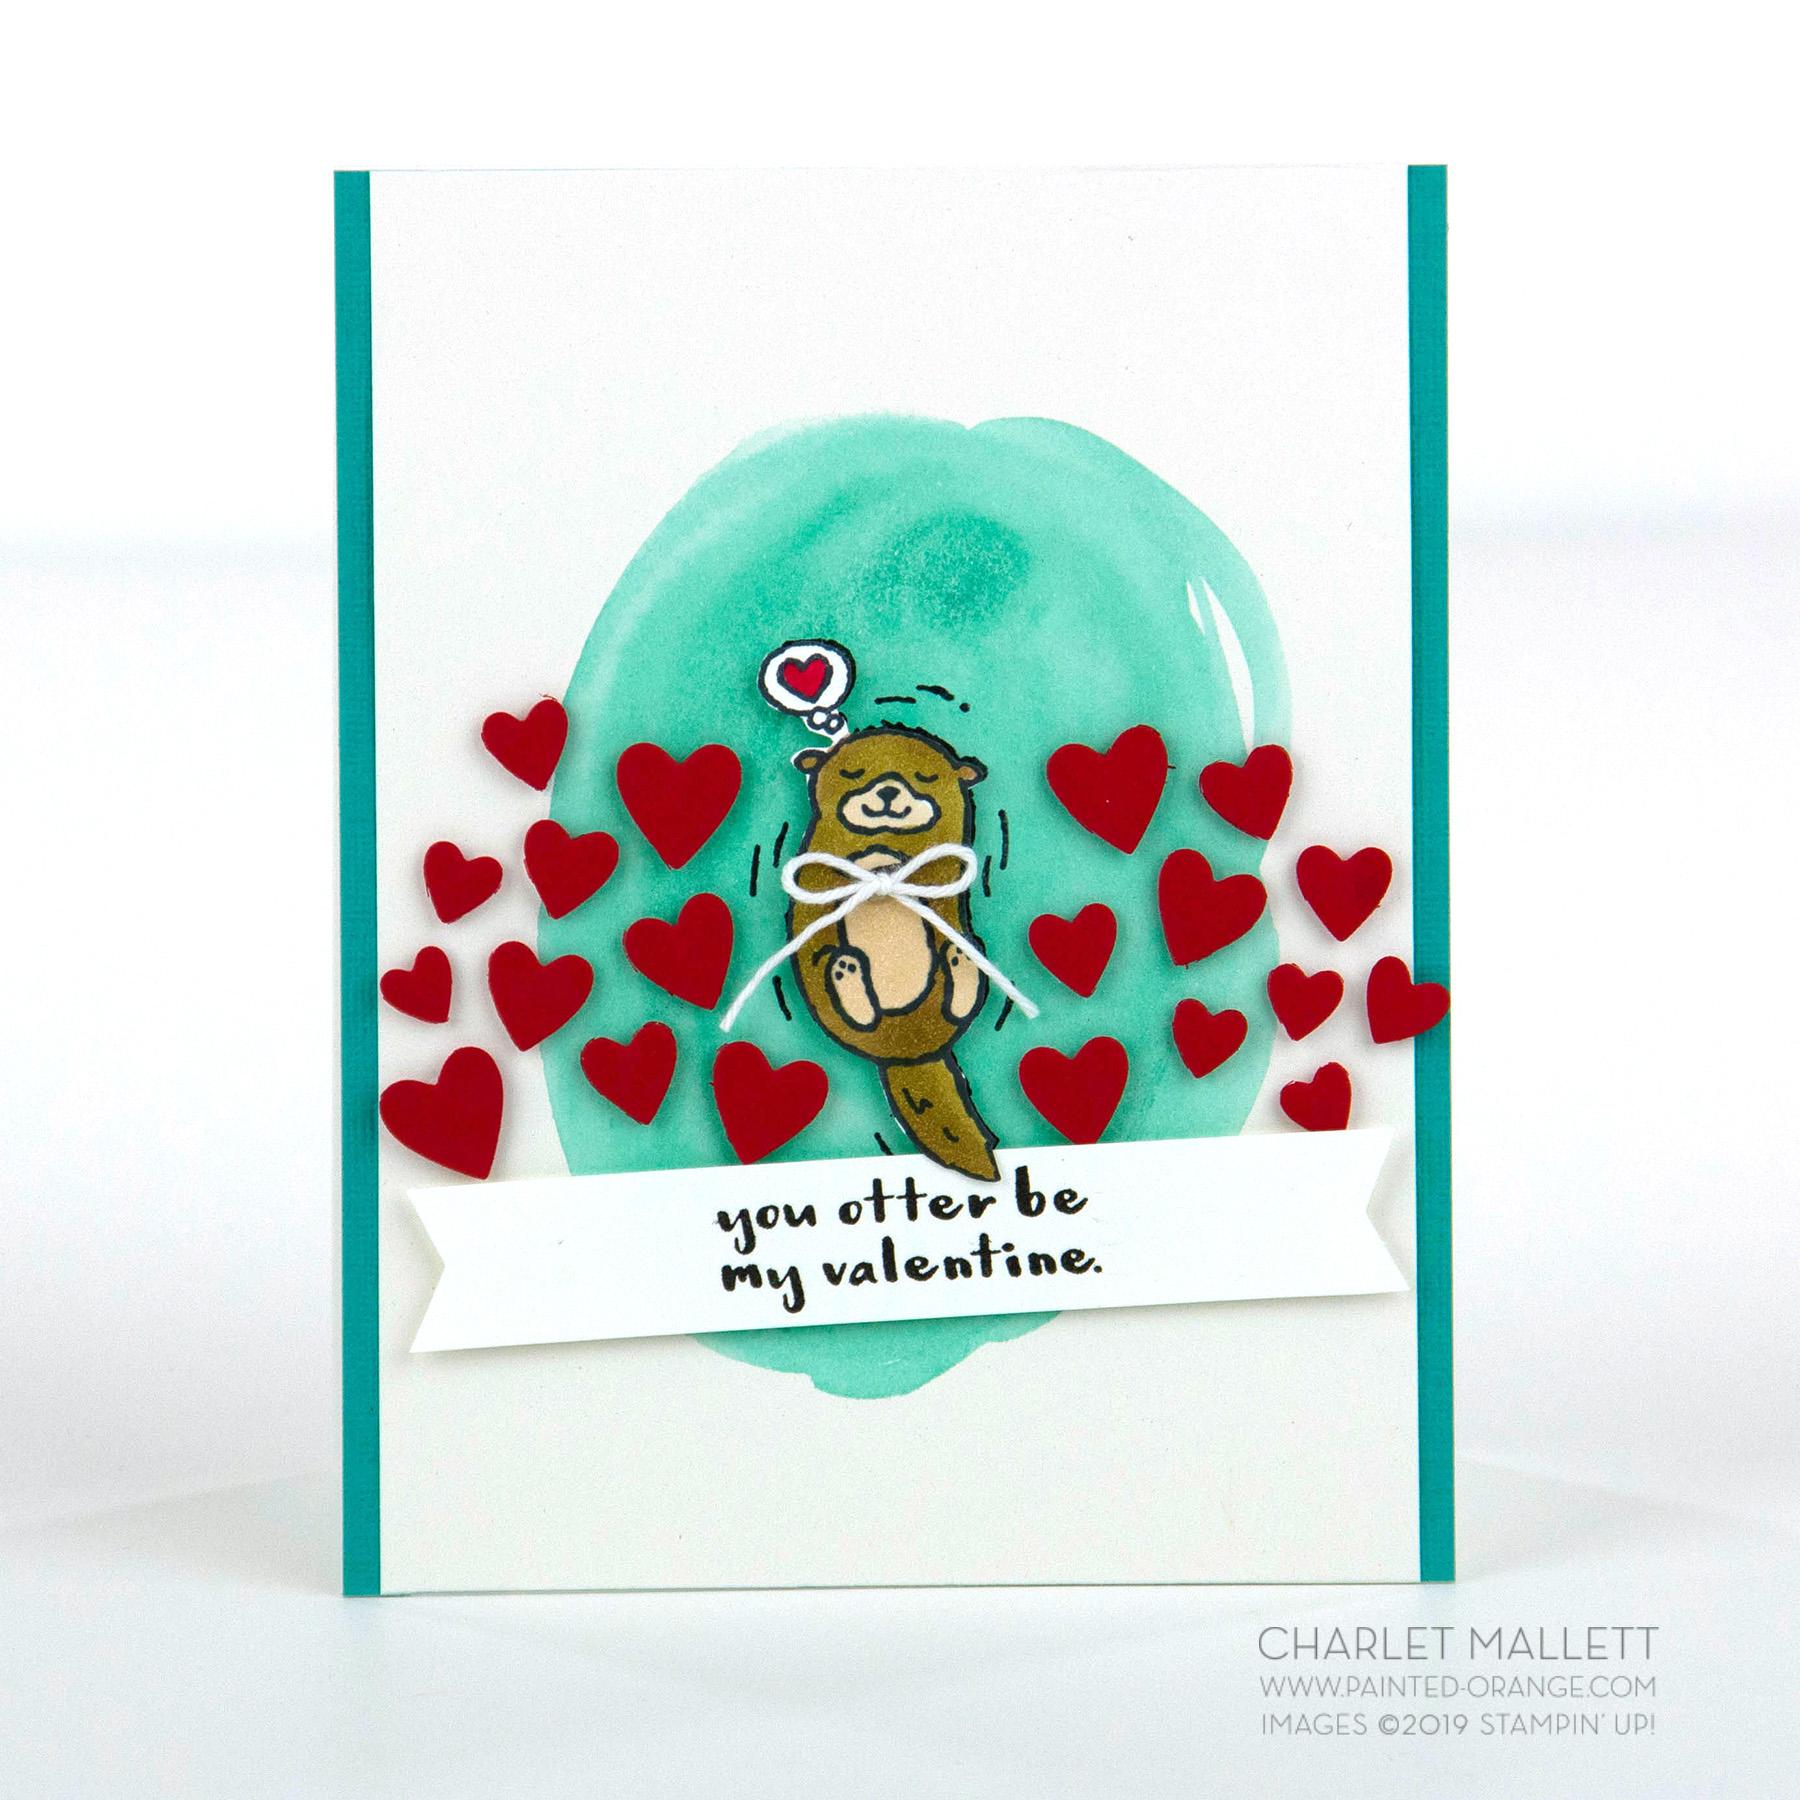 cmallett Hey Love2.jpg